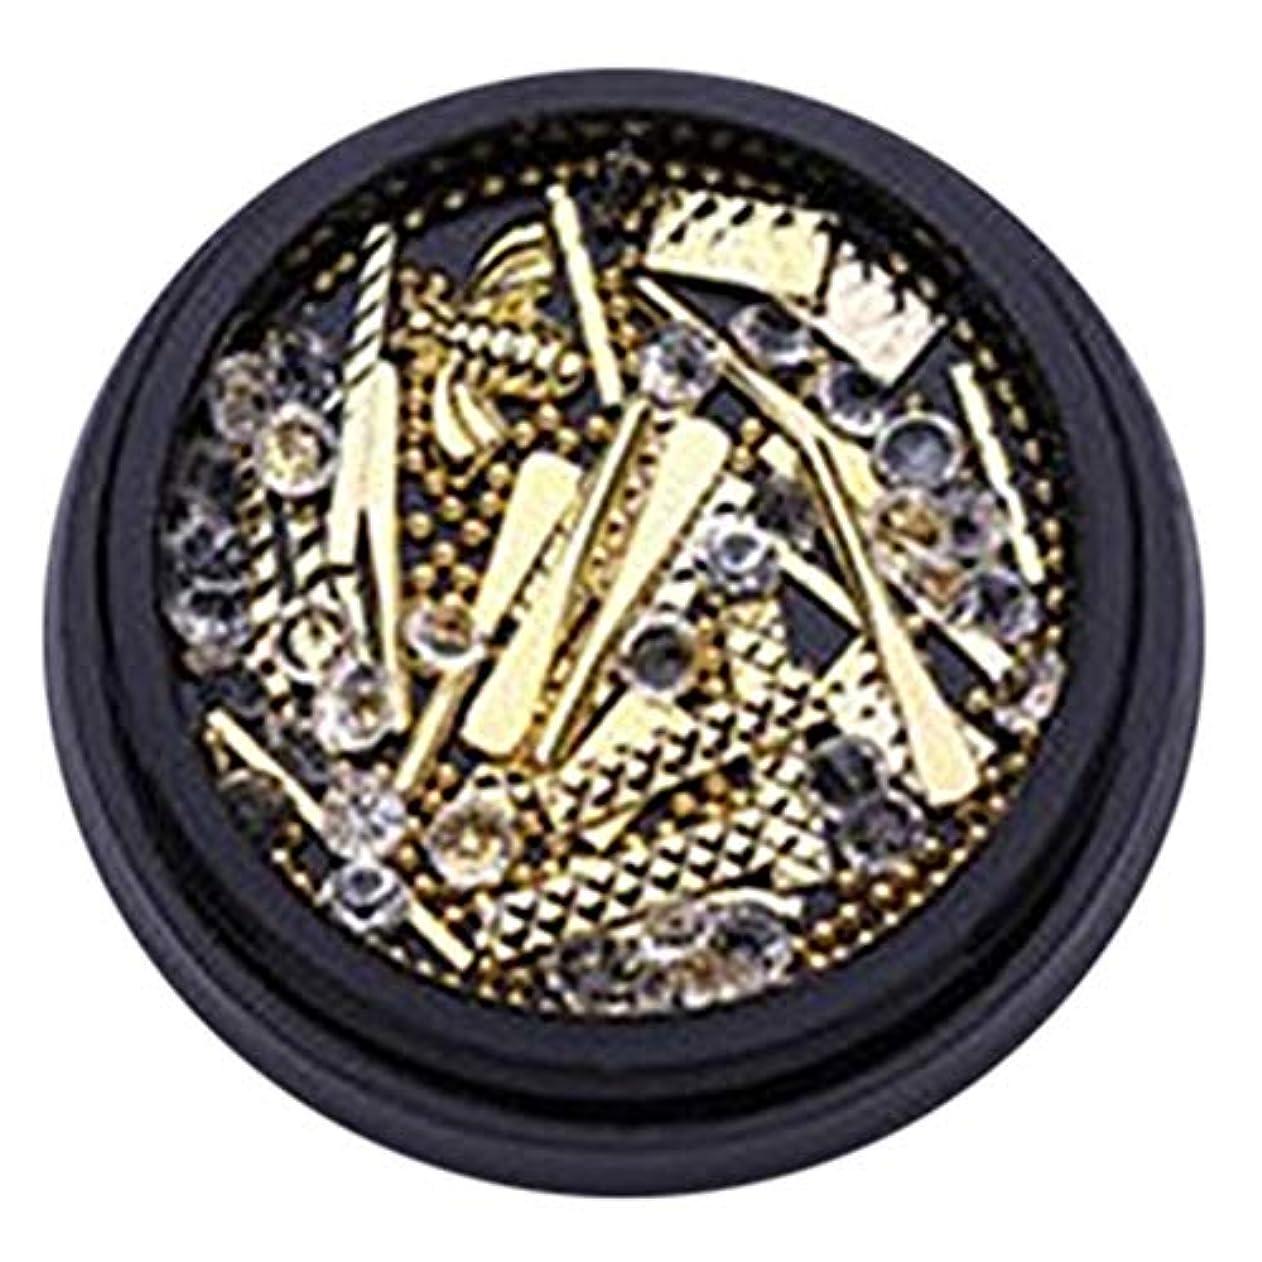 留まるこどもの宮殿繊維hamulekfae-和風可愛い人気ブラクケア金属バー長方形リベットネイルアート宝石ラインストーンデコレーションホイールDIYのヒント - ゴールデンGolden